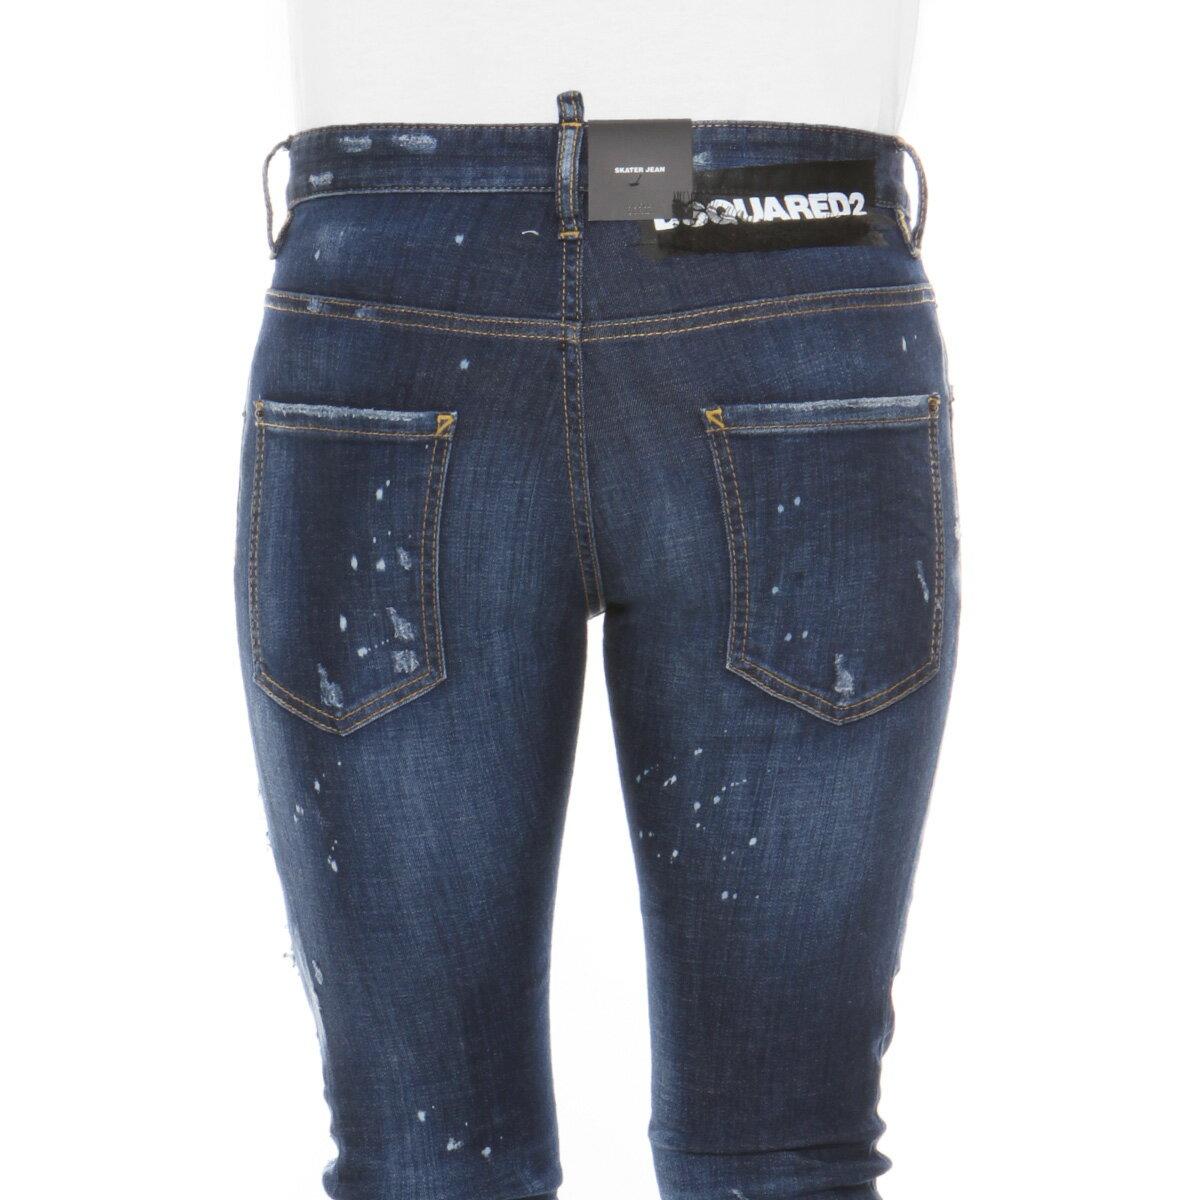 ディースクエアード DSQUARED 2 パンツ メンズ S74LB0471 S30342 470 クラッシュ&リメイク加工 ジーンズ SKATER スケーター BLUE ブルー